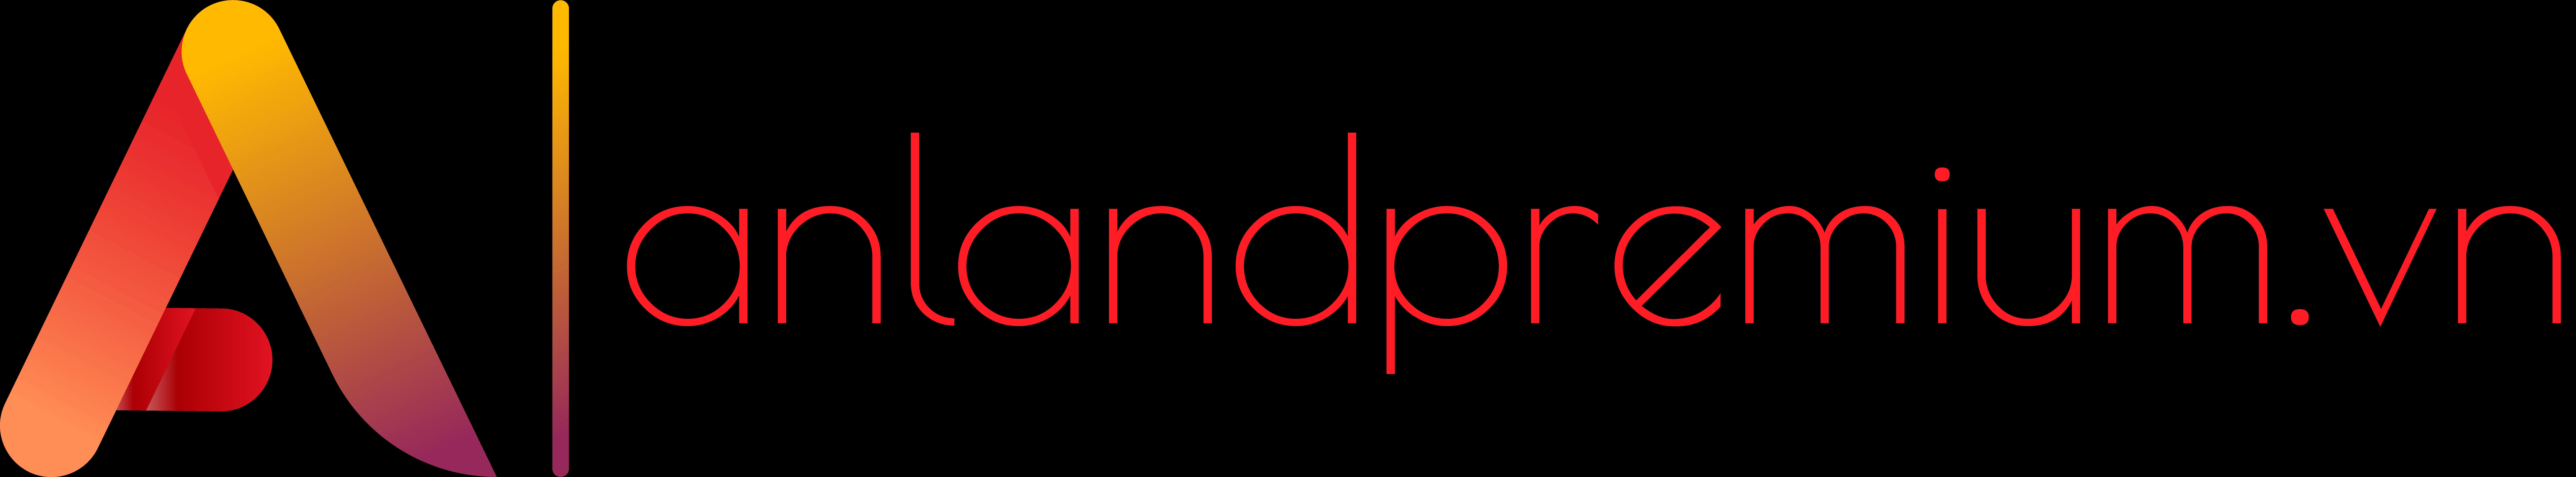 [Trang Chủ] Chung Cư Anland Premium – Bảng Giá 2021 Cập Nhật